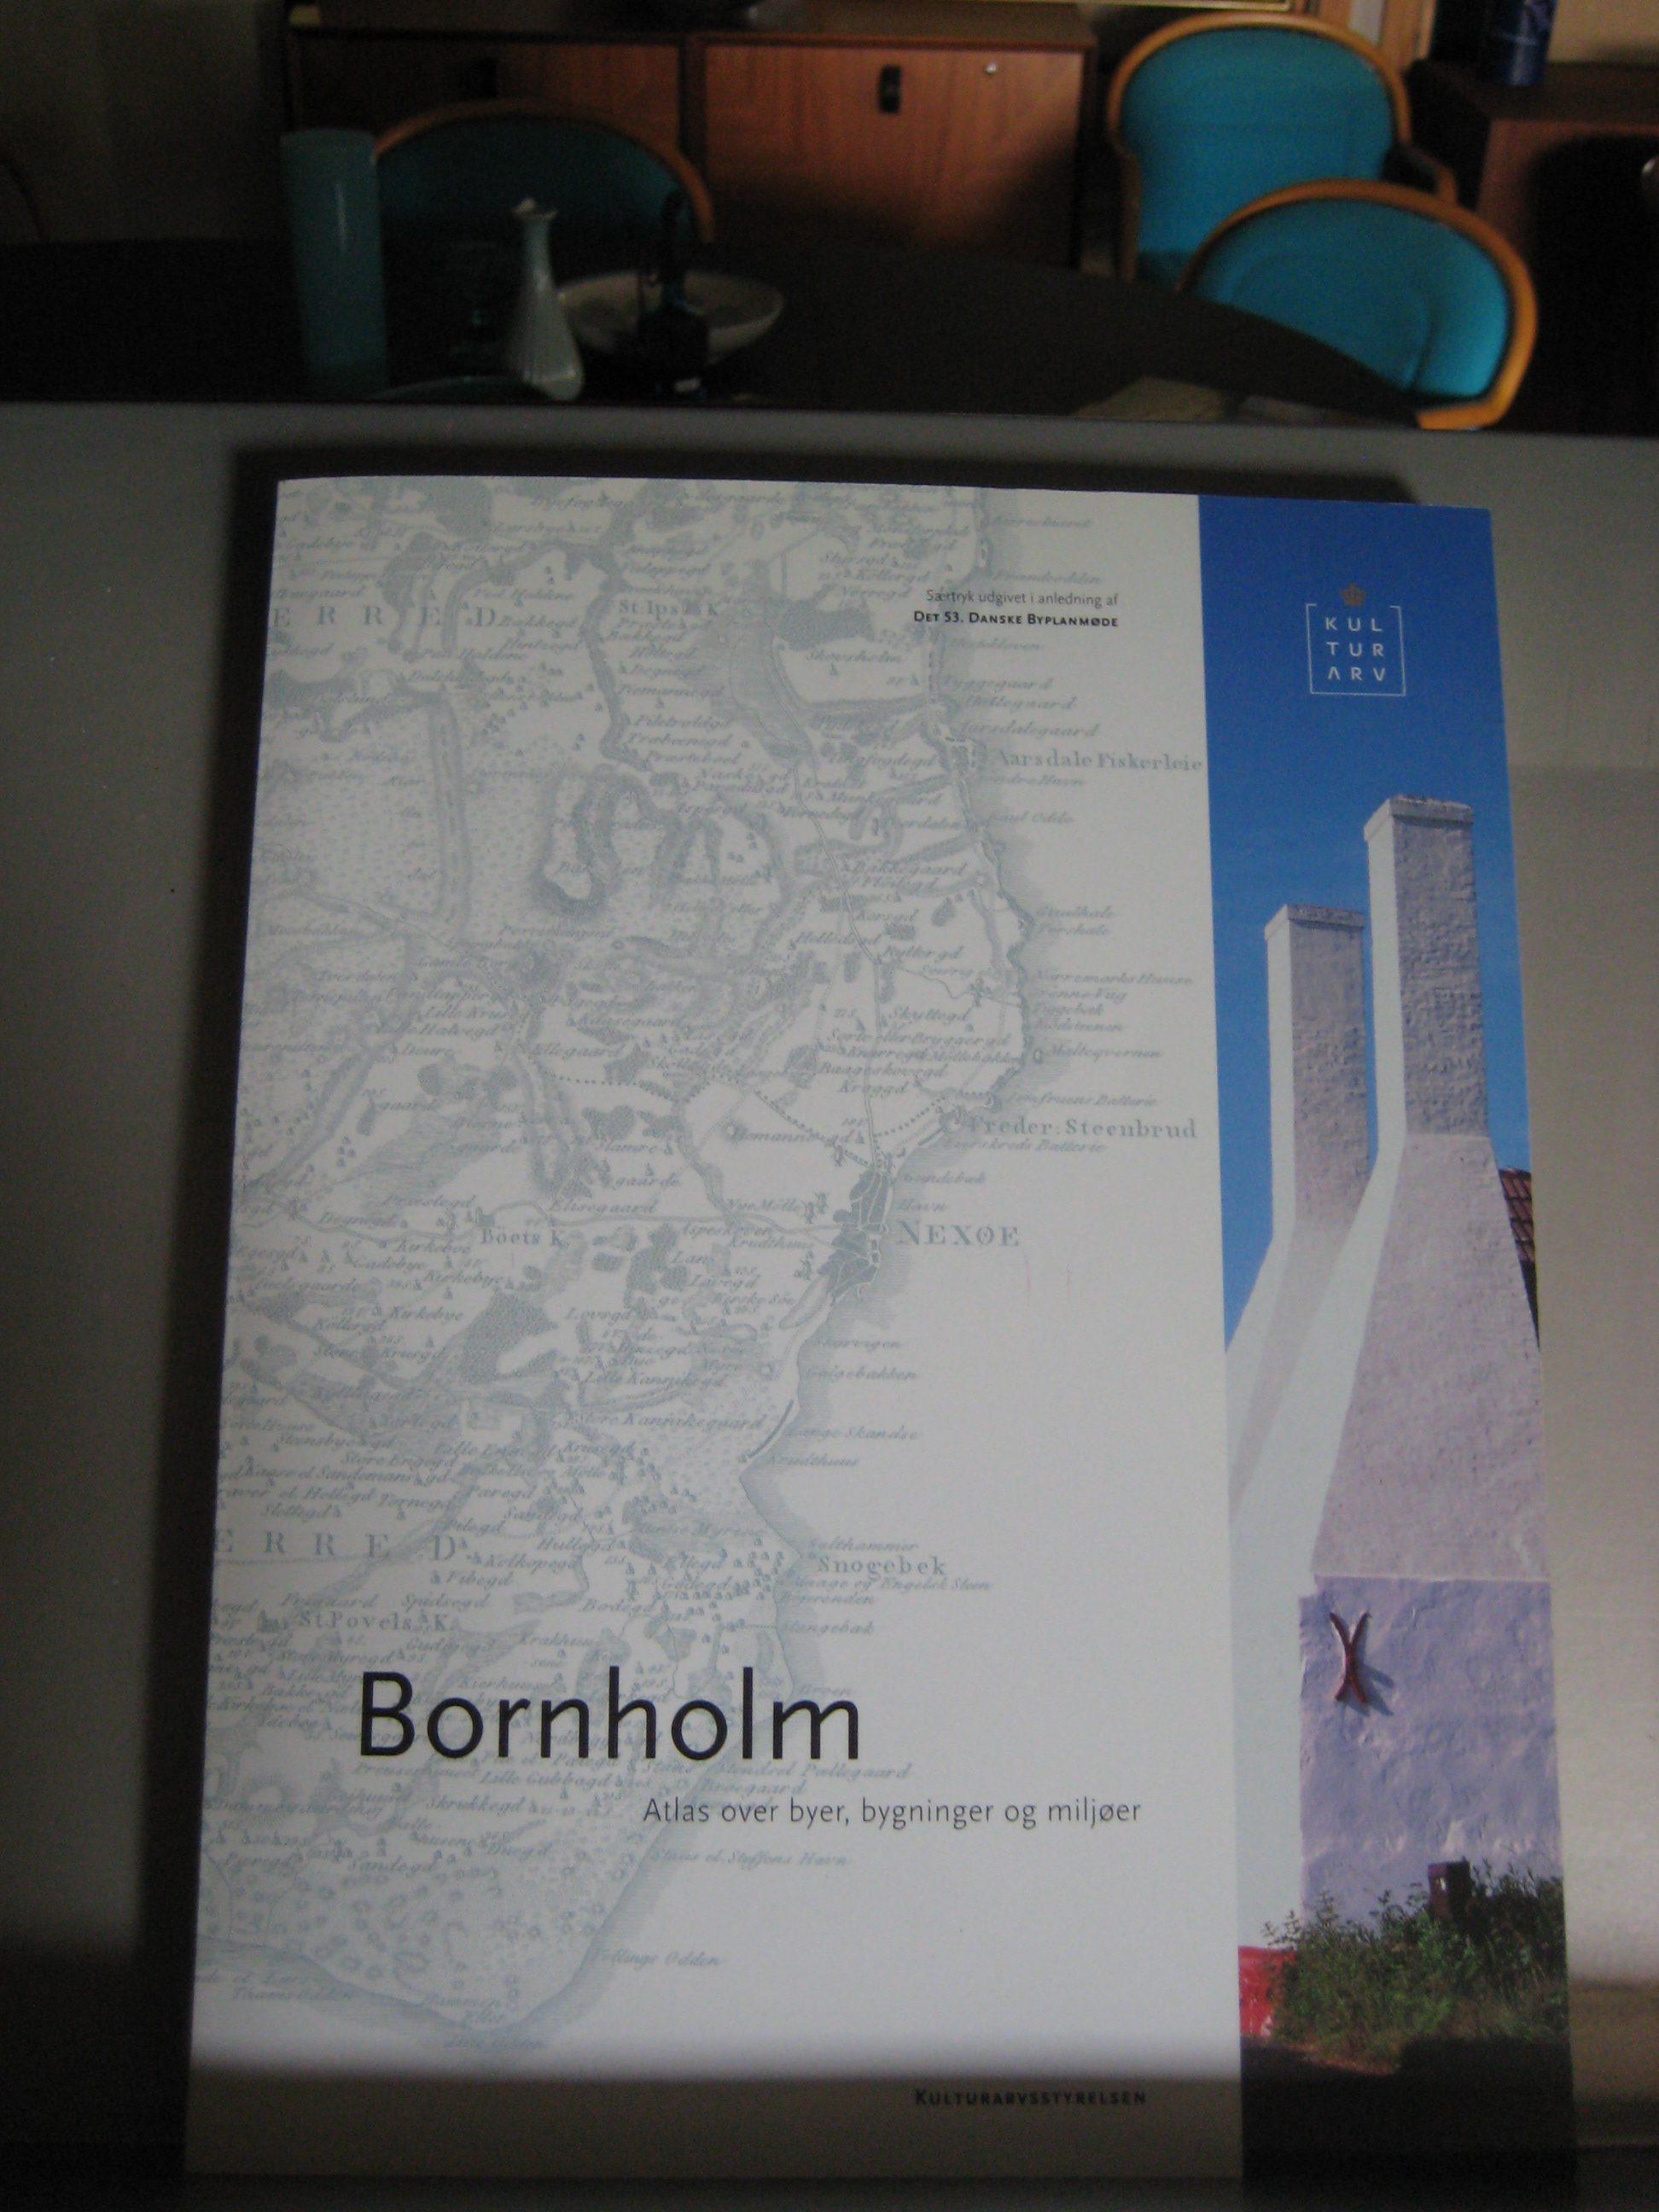 Bornholm, Kulturarvstyrelsen